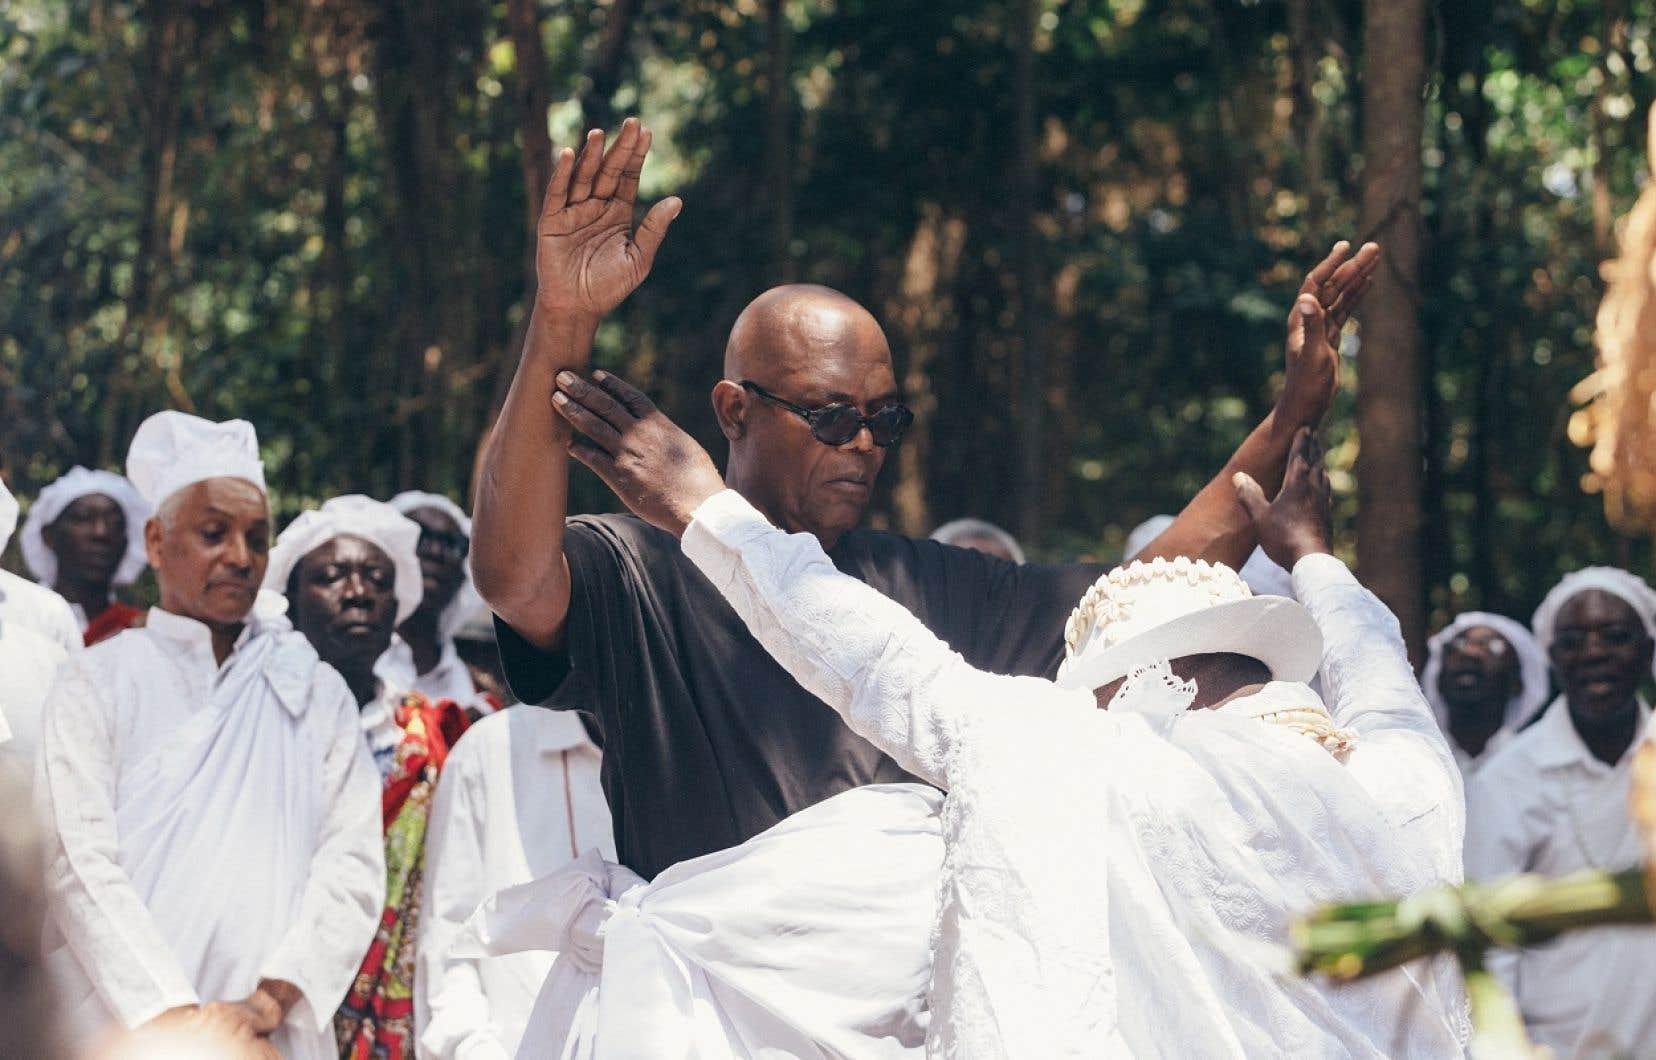 Si Samuel L. Jackson s'est vite impliqué dans l'élaboration d'«Enslaved», c'est en partie parce qu'il était guidé par une quête personnelle, celle de ses origines, qui remontent jusqu'au Gabon. Son arrivée là-bas marque pour le célèbre acteur une prise de contact spectaculaire avec ses racines.